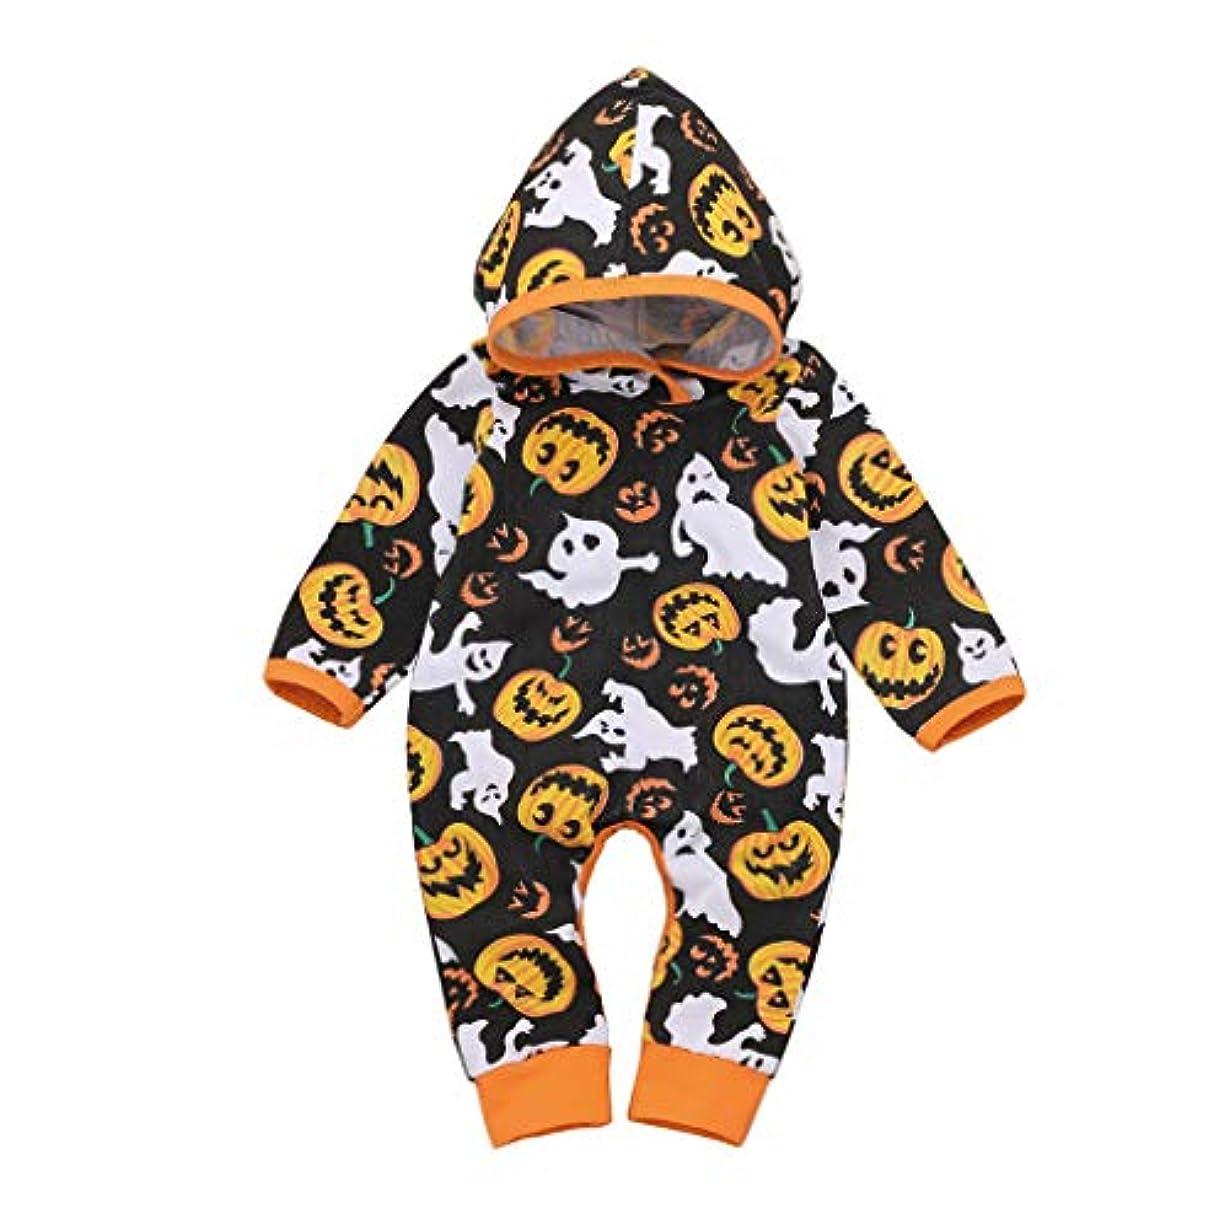 アボートゲートボタンMISFIY ハロウィン キッズ ベビー服 子供 男の子 女の子 ロンパース 長袖 フード付き かわいい 仮装衣装 寝間着 ホーム 部屋着 (90)